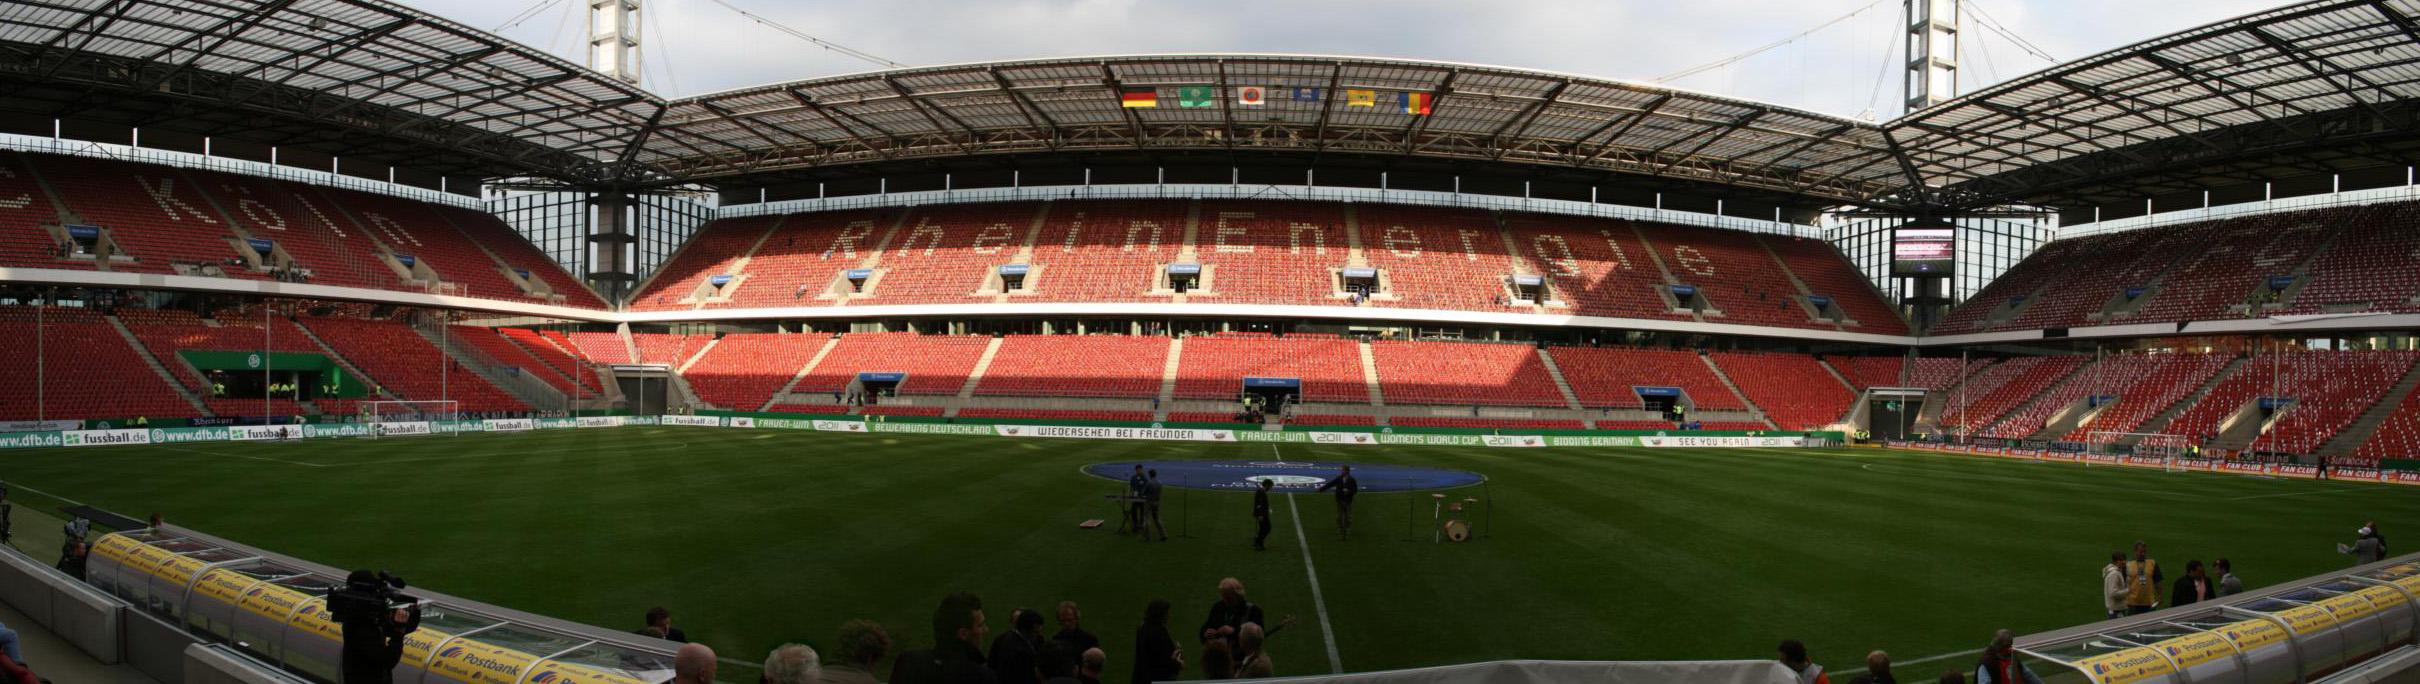 Konzert Rhein Energie Stadion